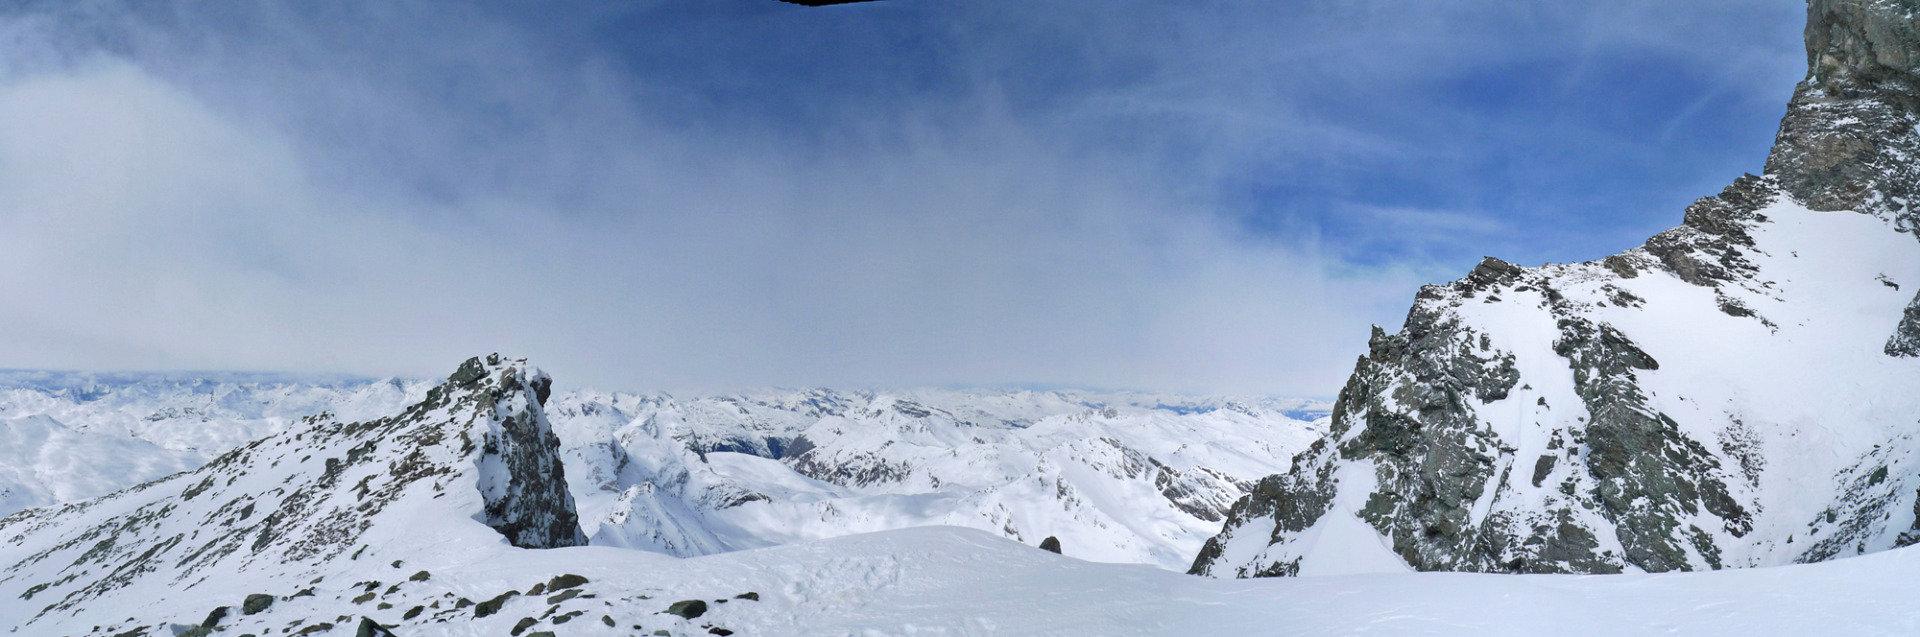 Das Skidepot liegt auf 3240 Meter - © SkitourGuru.com